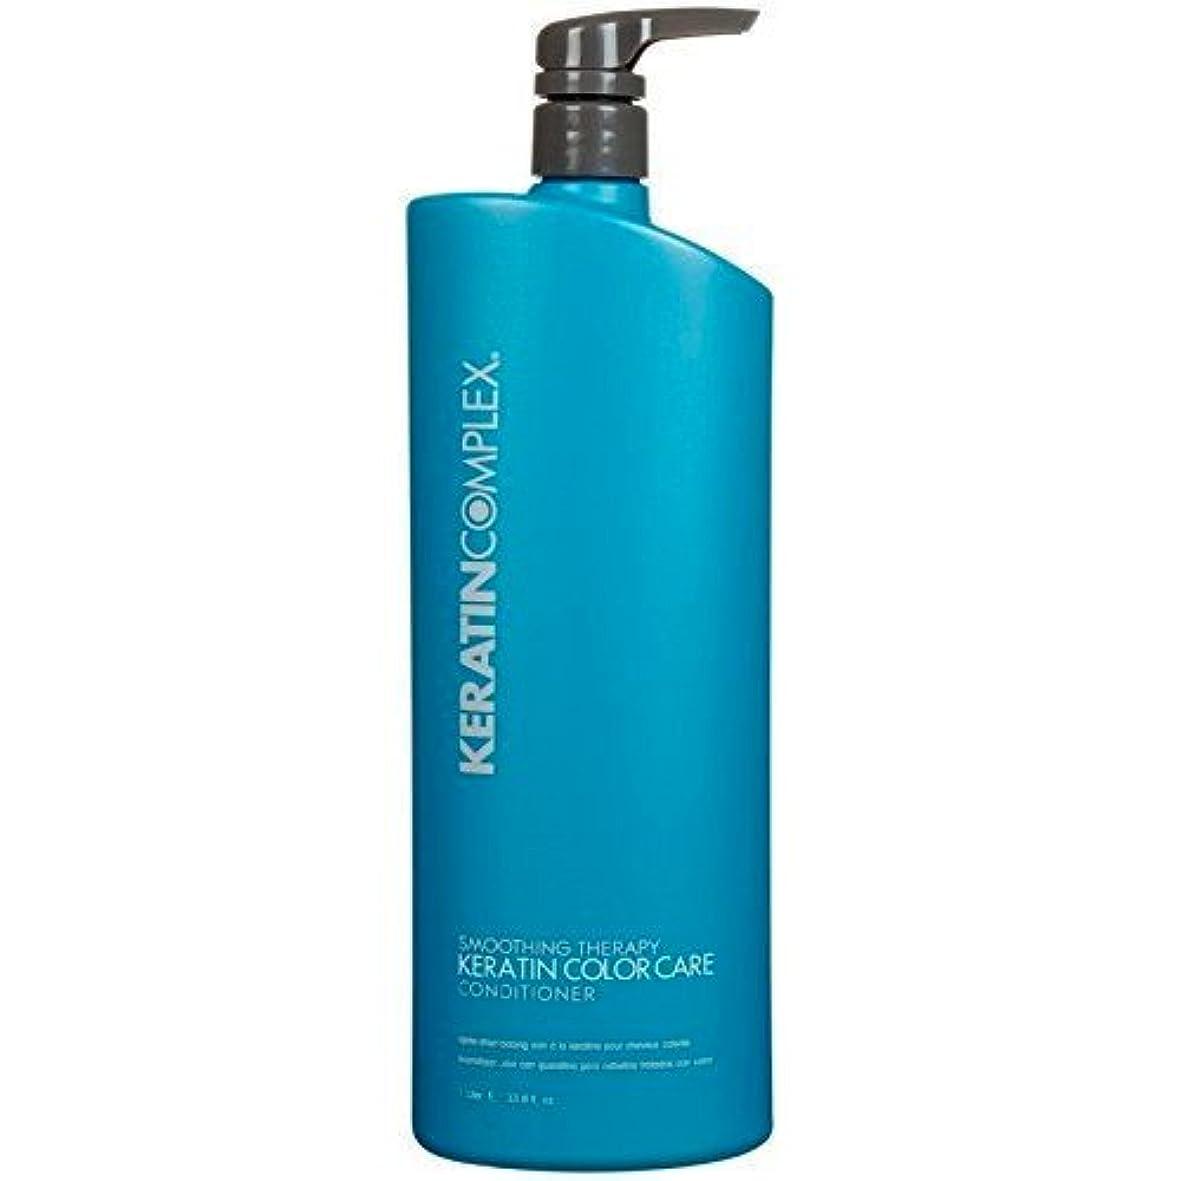 ジャンプモーテルしないケラチンコンプレックス Smoothing Therapy Keratin Color Care Conditioner (For All Hair Types) 1000ml